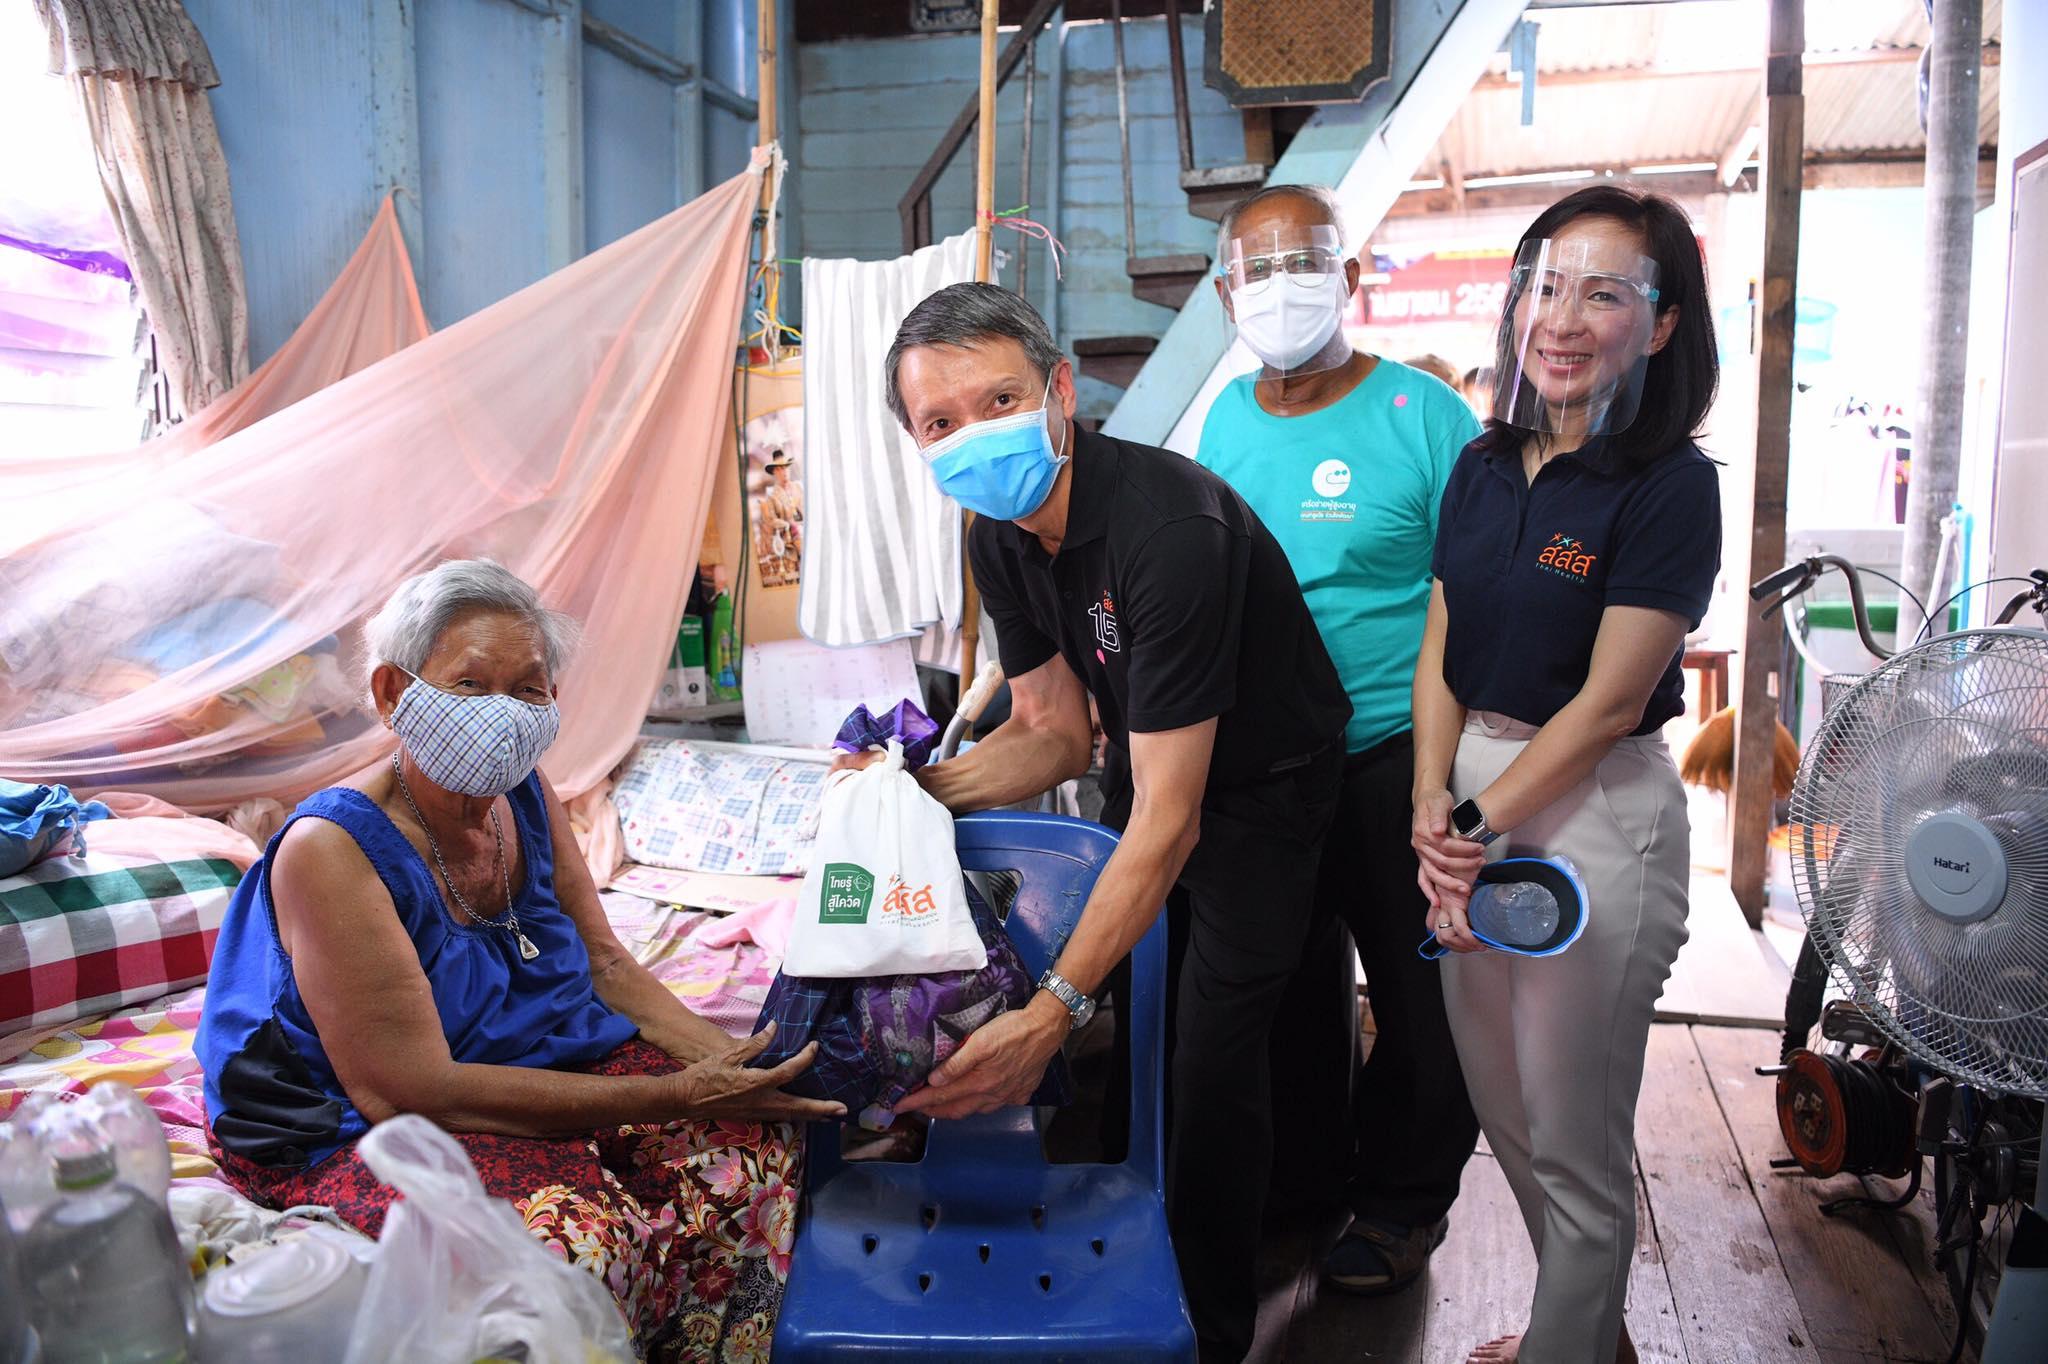 สสส. ชูโมเดลเครือข่ายคนสามวัย กลไกโรงเรียนผู้สูงอายุ สร้างพื้นที่สุขภาวะ  thaihealth